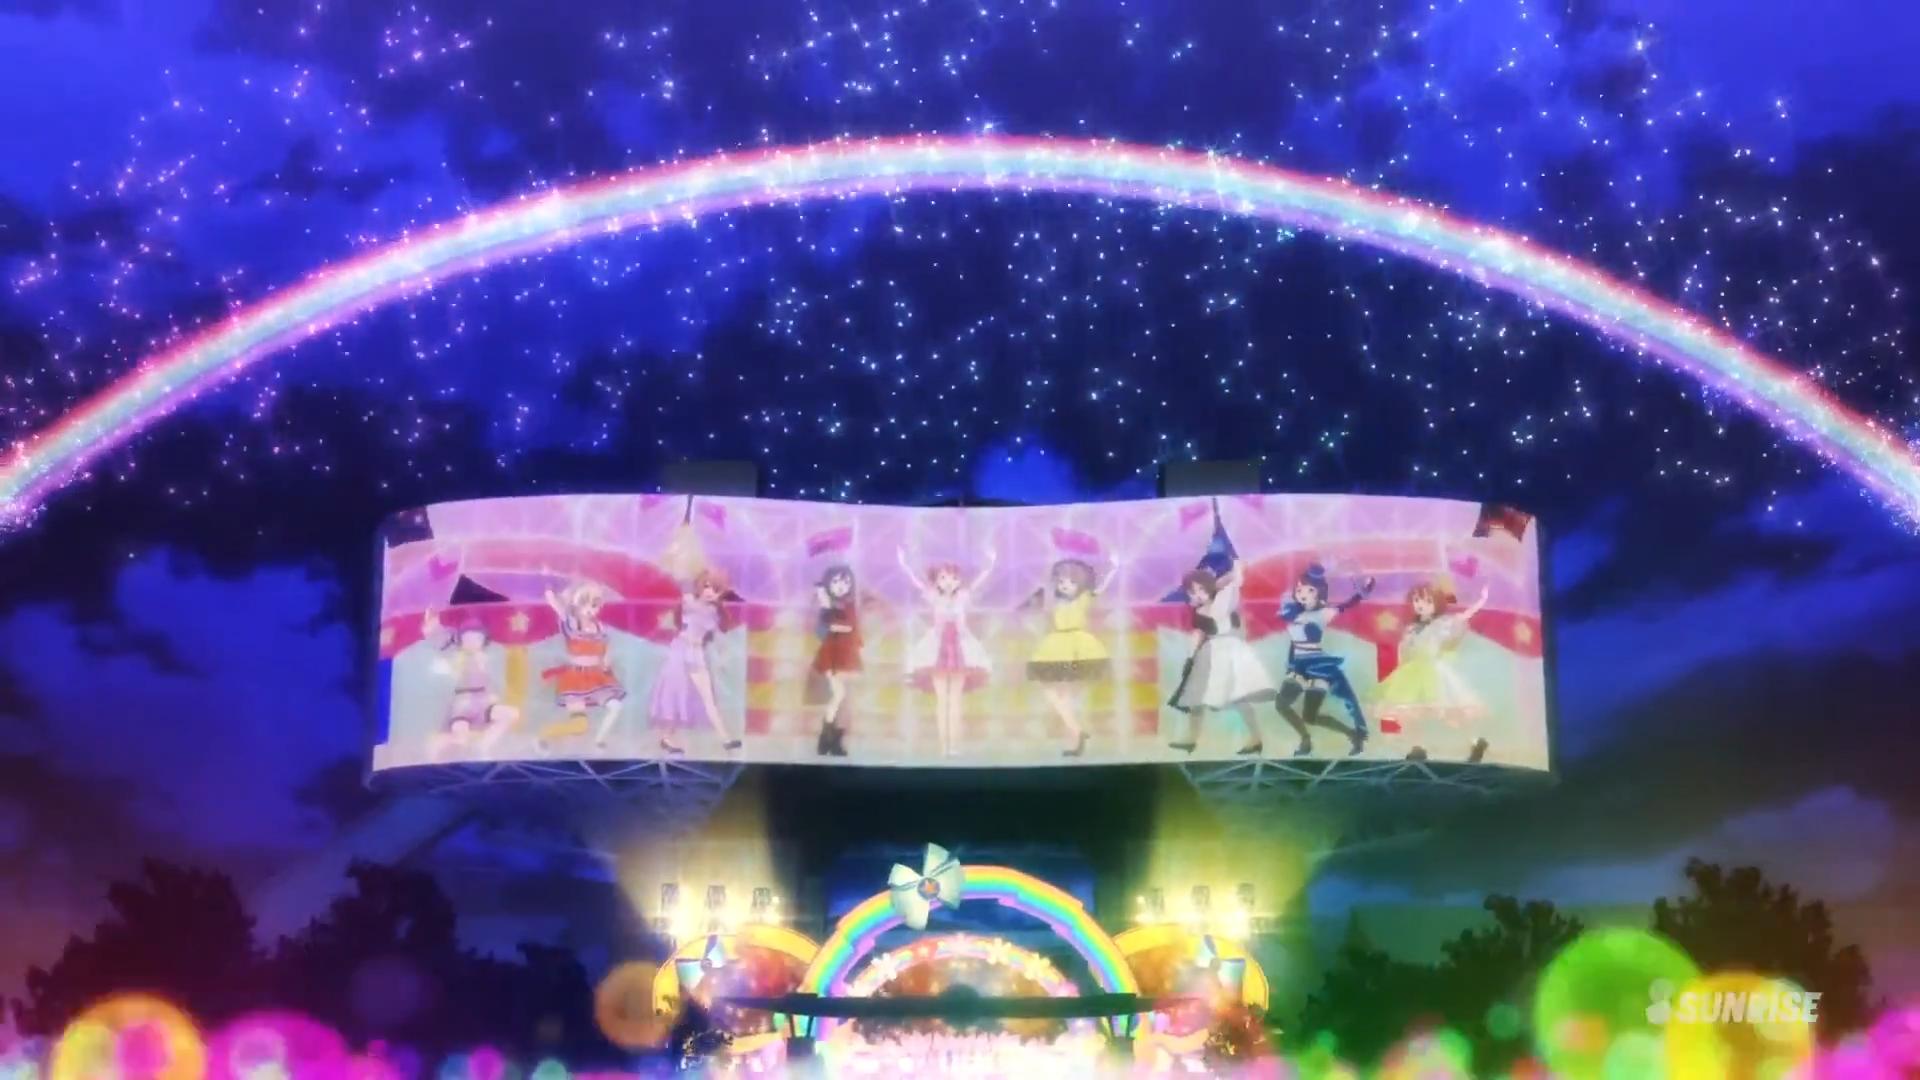 虹を超えた先の奇跡、夢を追う全ての人へ捧ぐ勇気の歌【ラブライブ!虹ヶ咲学園スクールアイドル同好会 13話感想】